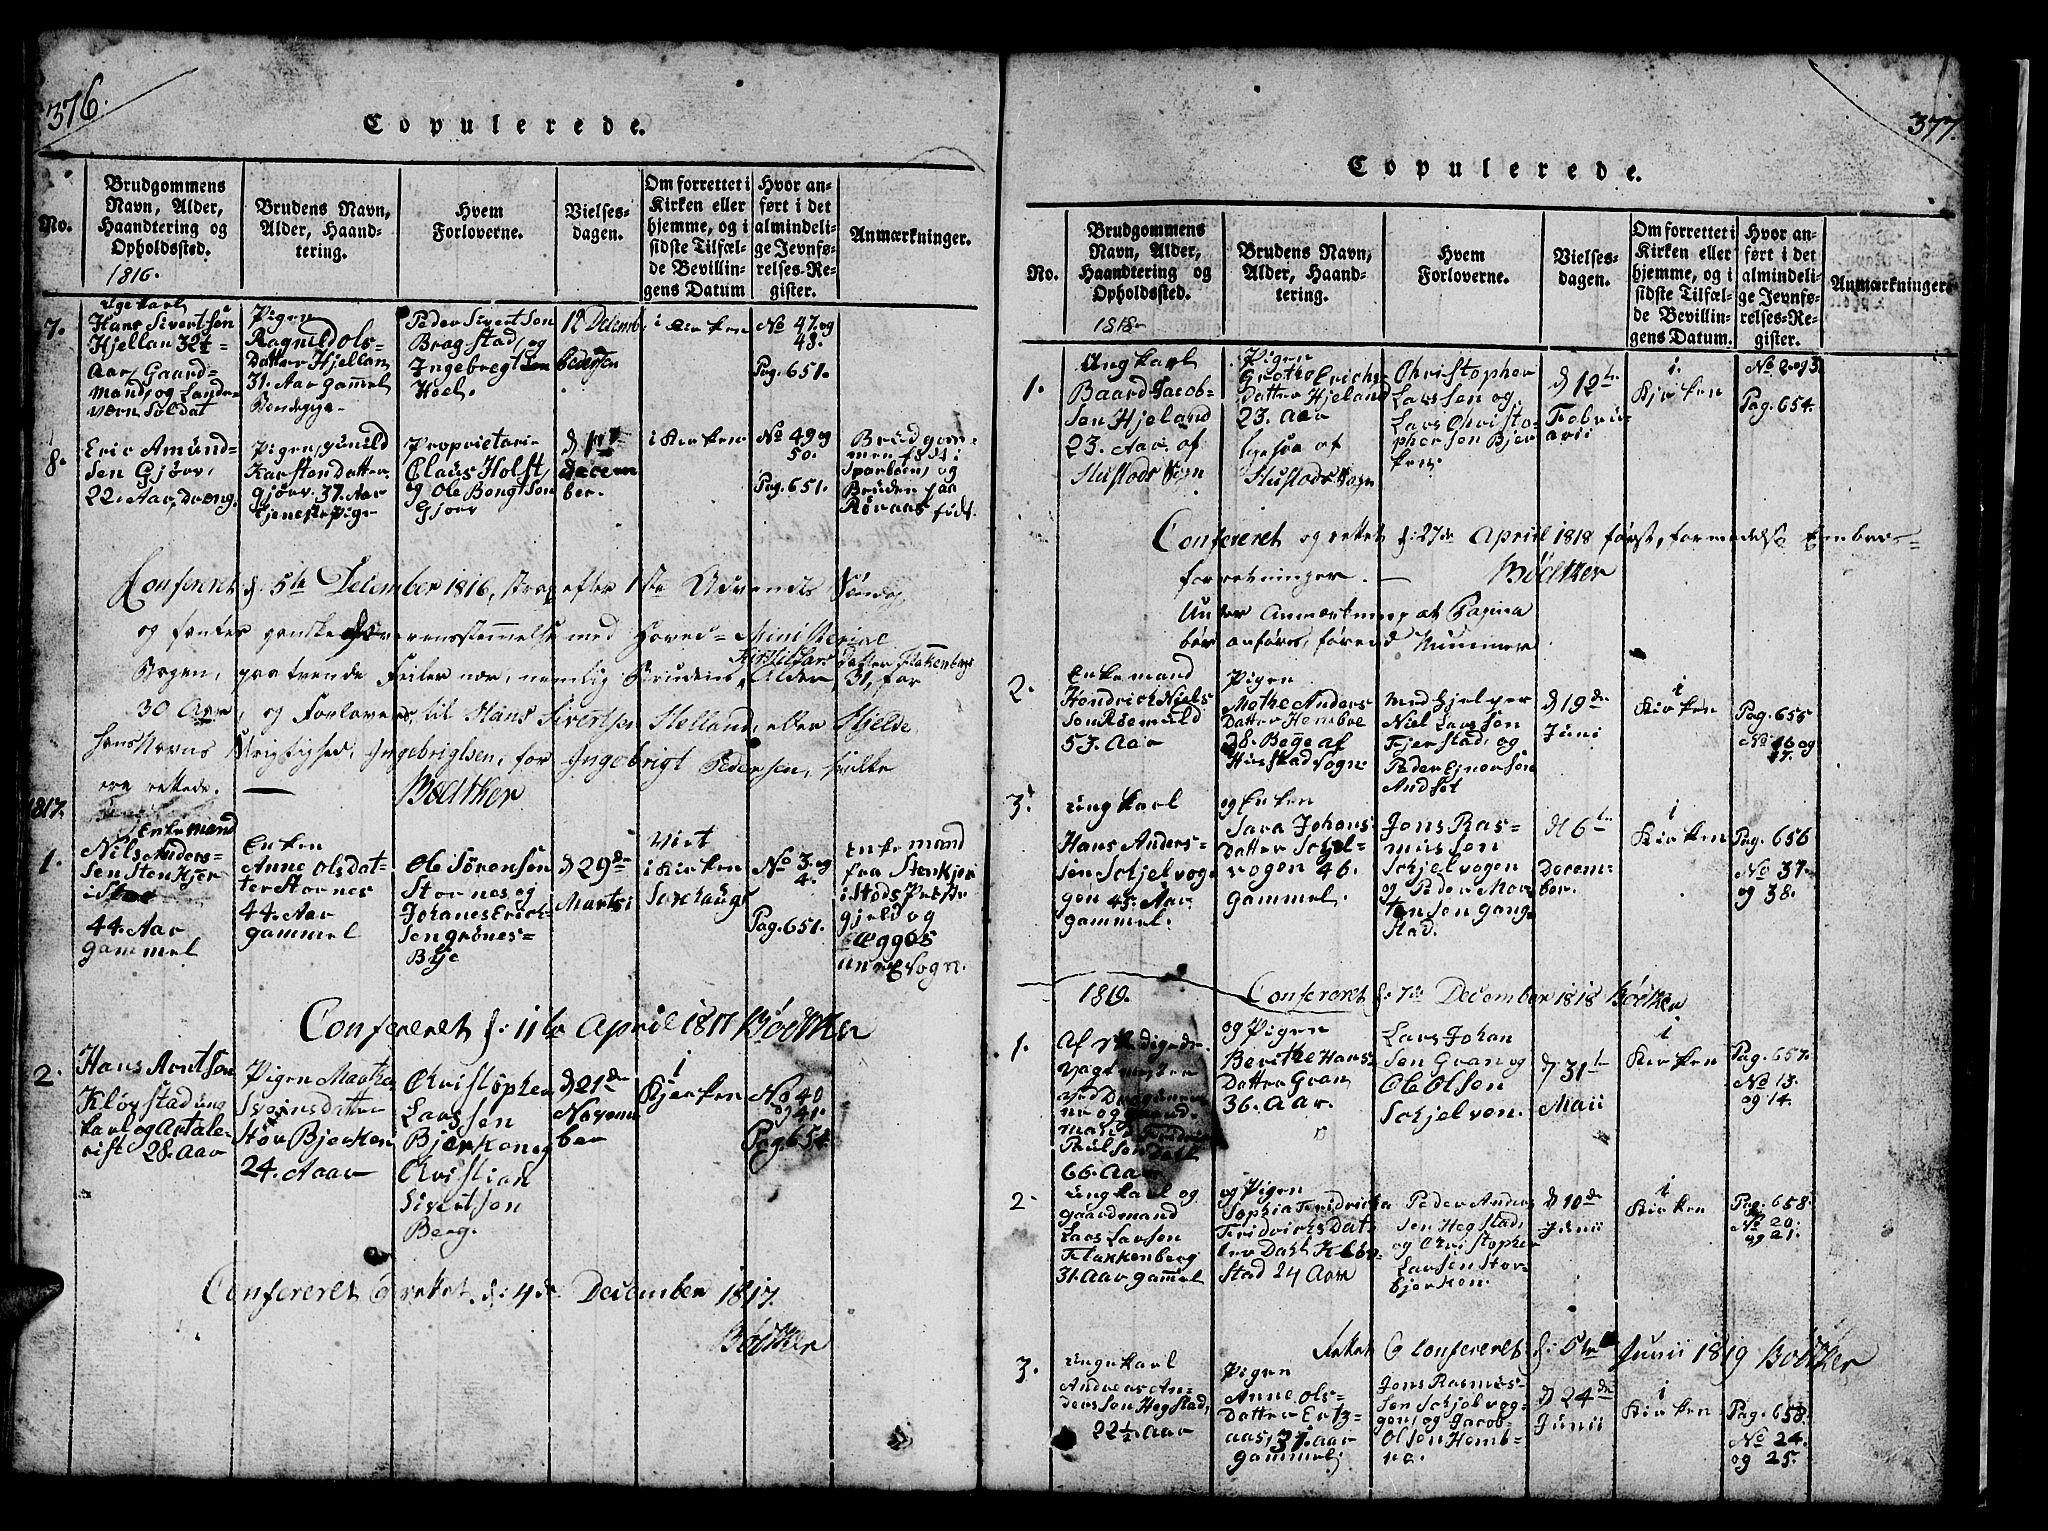 SAT, Ministerialprotokoller, klokkerbøker og fødselsregistre - Nord-Trøndelag, 732/L0317: Klokkerbok nr. 732C01, 1816-1881, s. 376-377